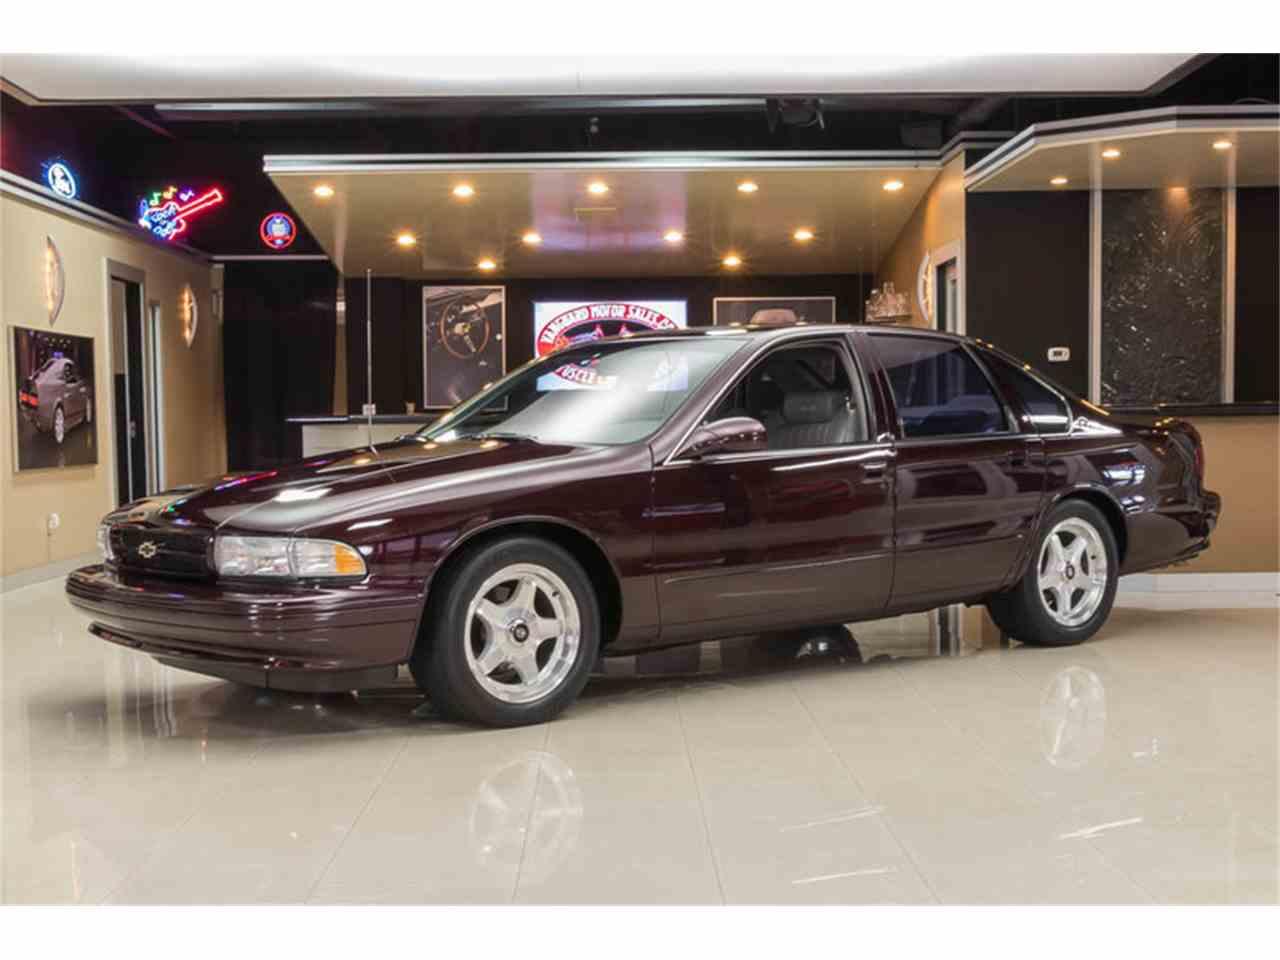 Impala 99 chevy impala : 1995 Chevrolet Impala SS for Sale   ClassicCars.com   CC-998590